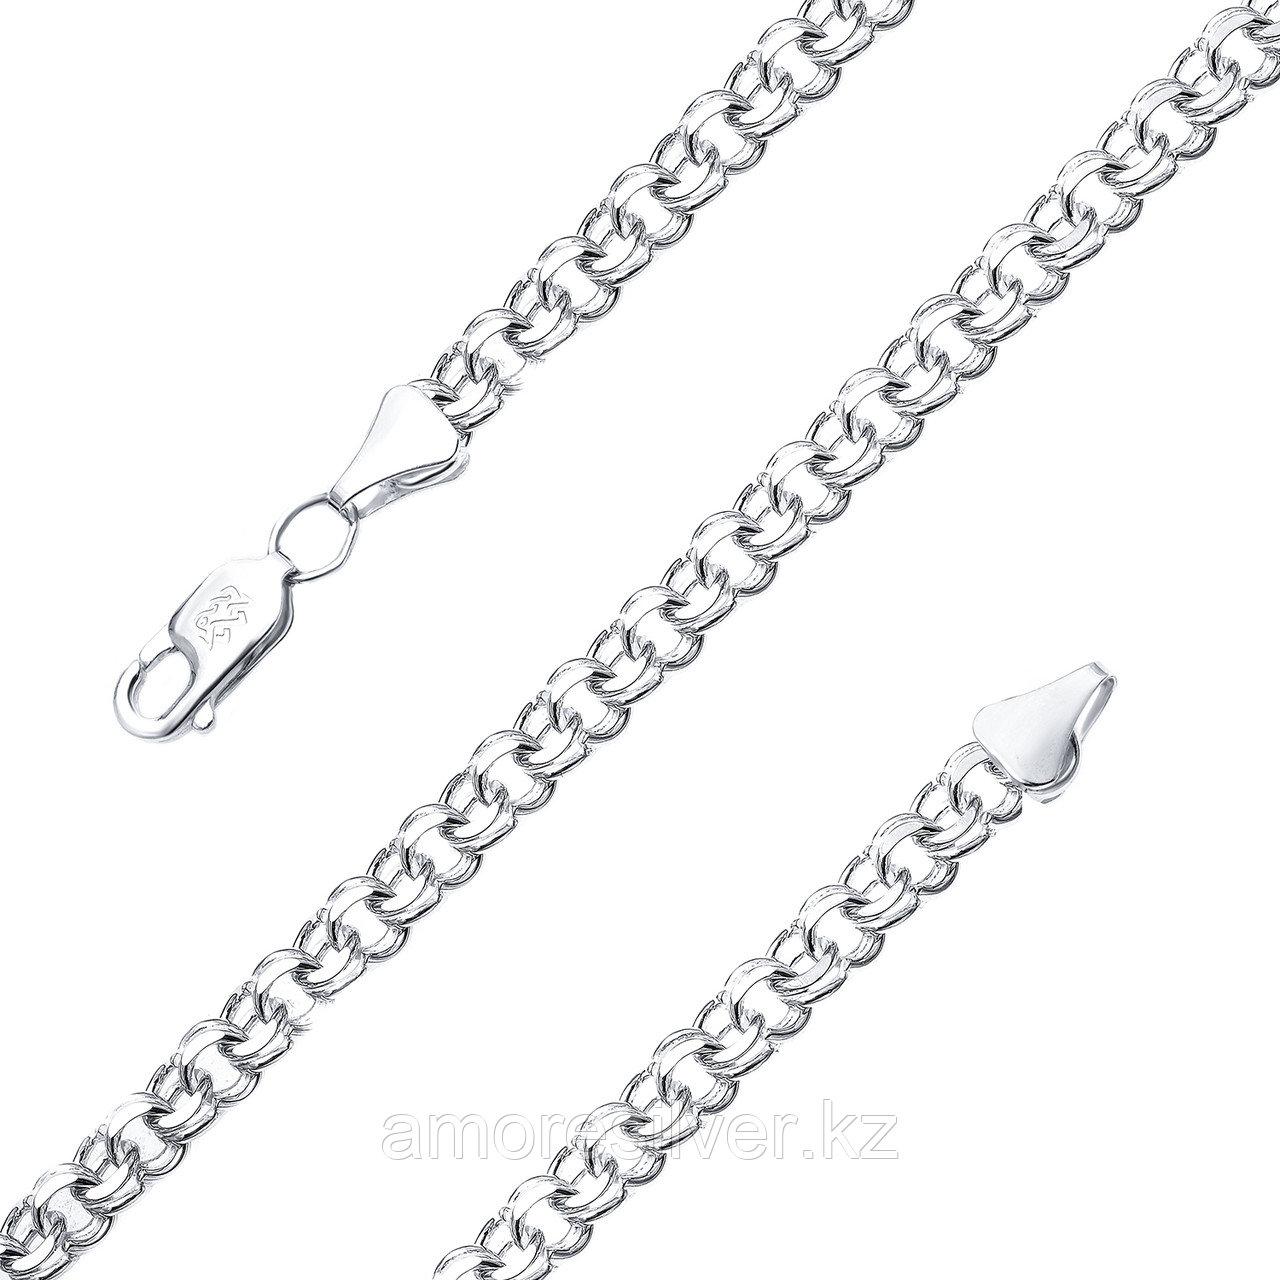 Браслет Адамант серебро с родием, без вставок Ср925Р-107009021